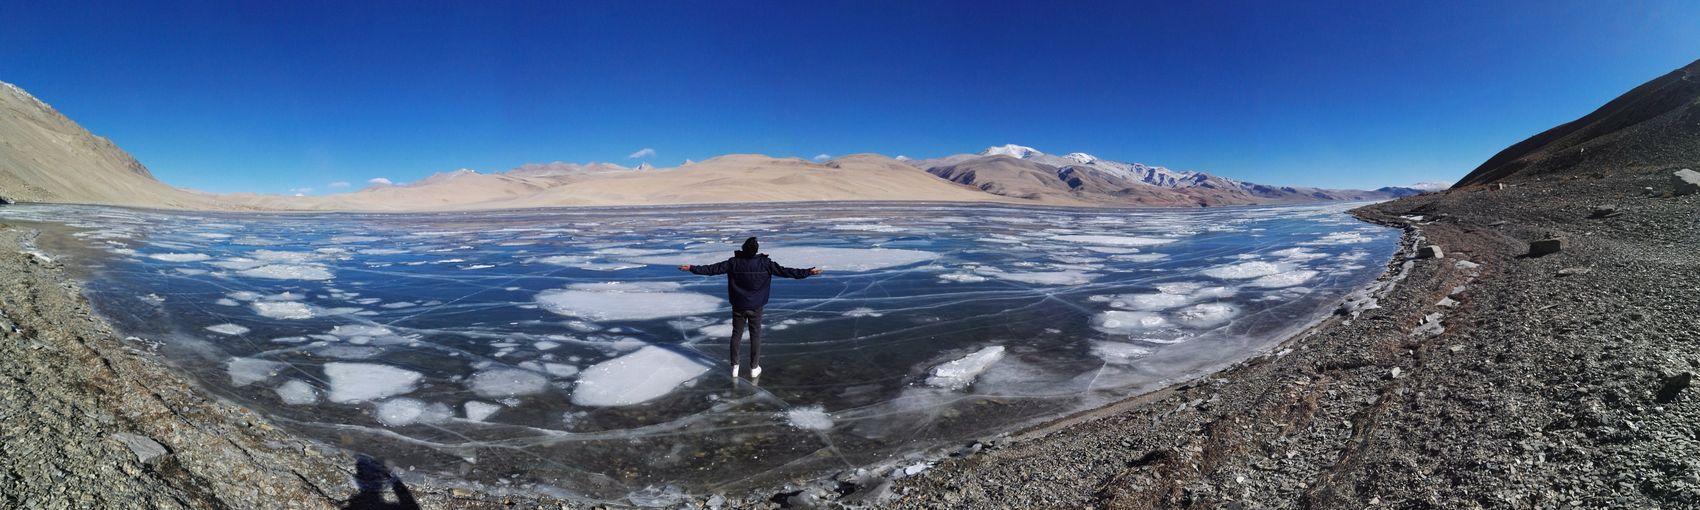 Lake Tso Morriri, Ladakh, India Extremecold Frozen Lake Mountain Range Landscape Travel Destinations Vacations Nature Travel